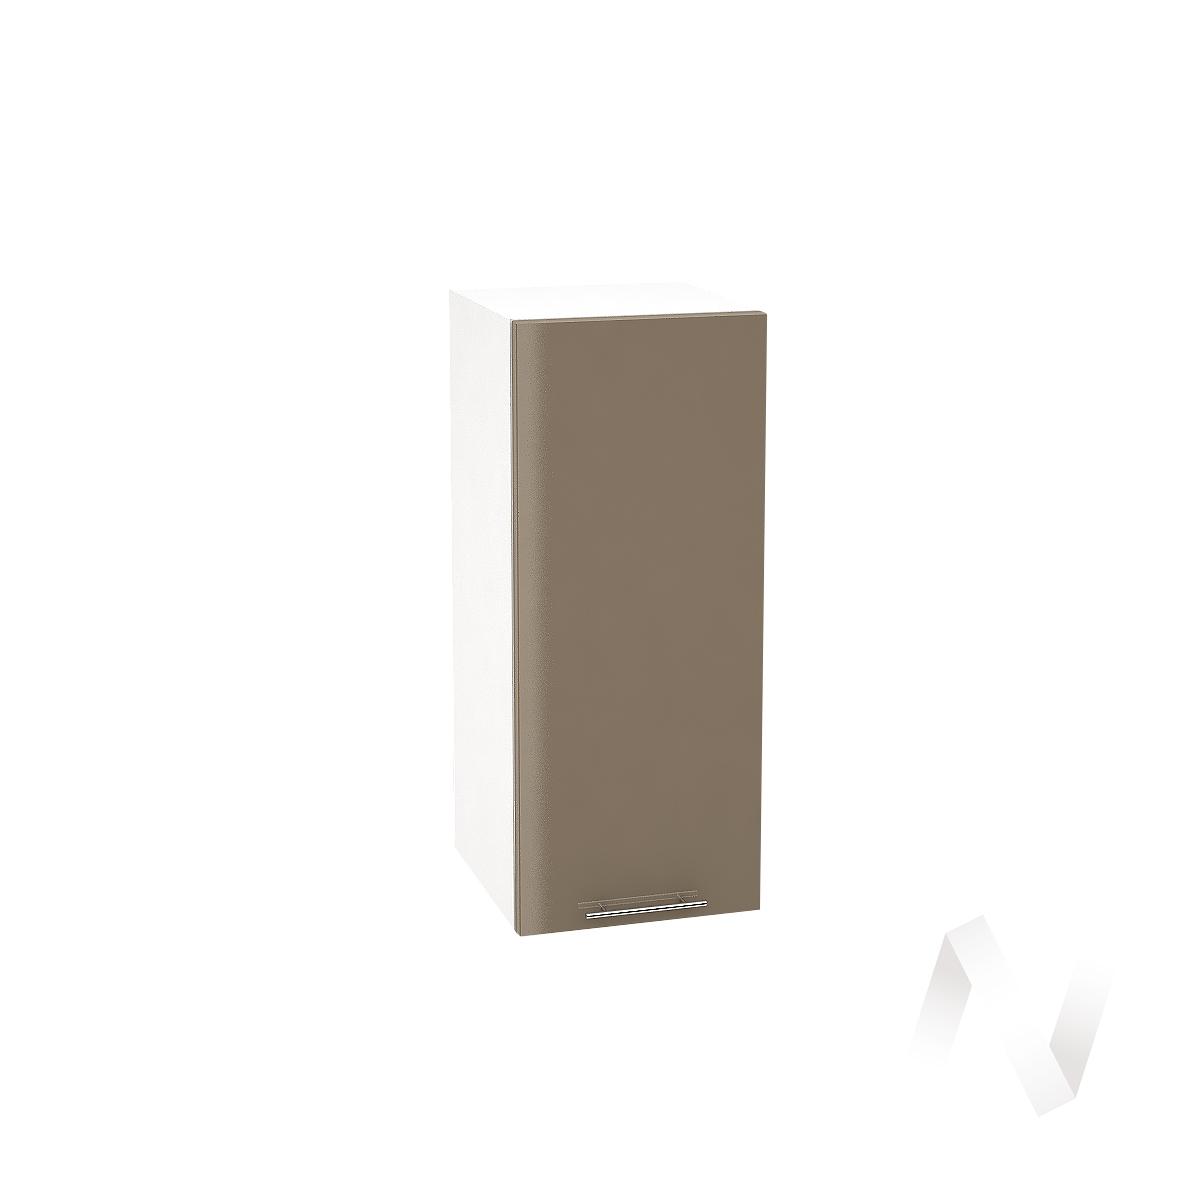 """Кухня """"Валерия-М"""": Шкаф верхний 300, ШВ 300 (Капучино глянец/корпус белый)"""